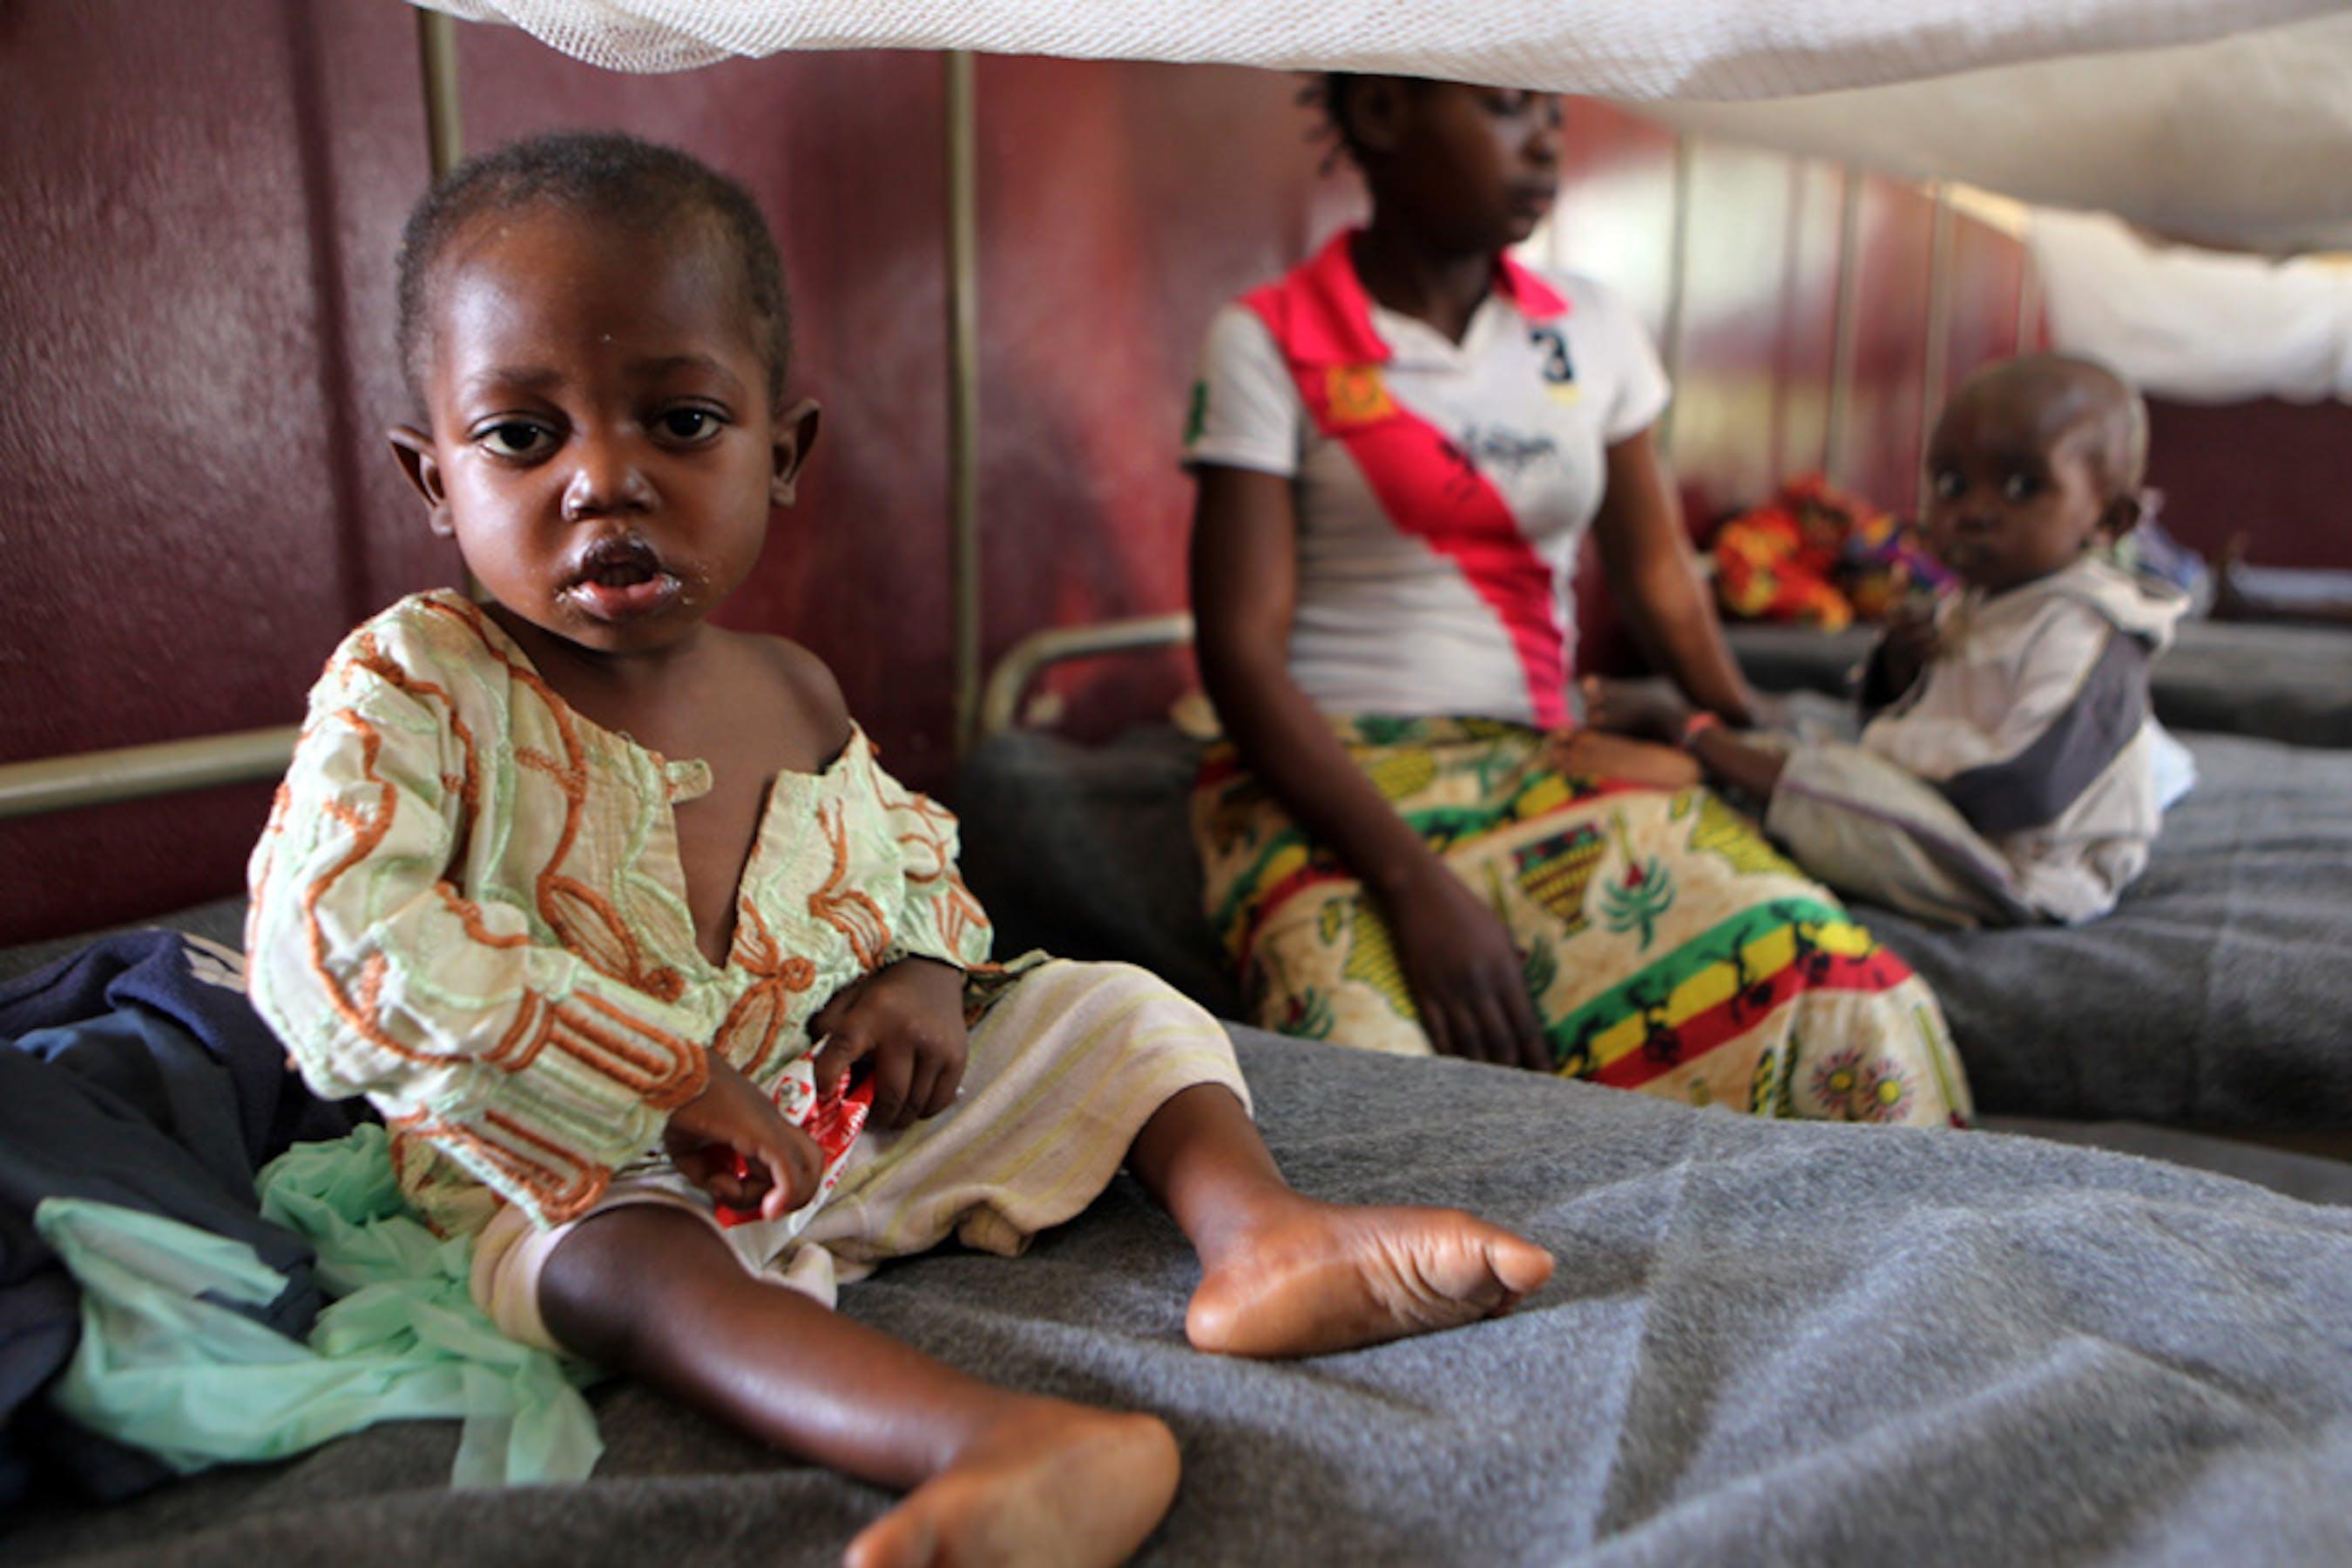 Un bambino ricoverato nel centro terapeutico nutrizionale dell'Ospedale pediatrico di Bangui, capitale della Repubblica Centrafricana - ©UNICEF/NYHQ2013-1289/Terdjman